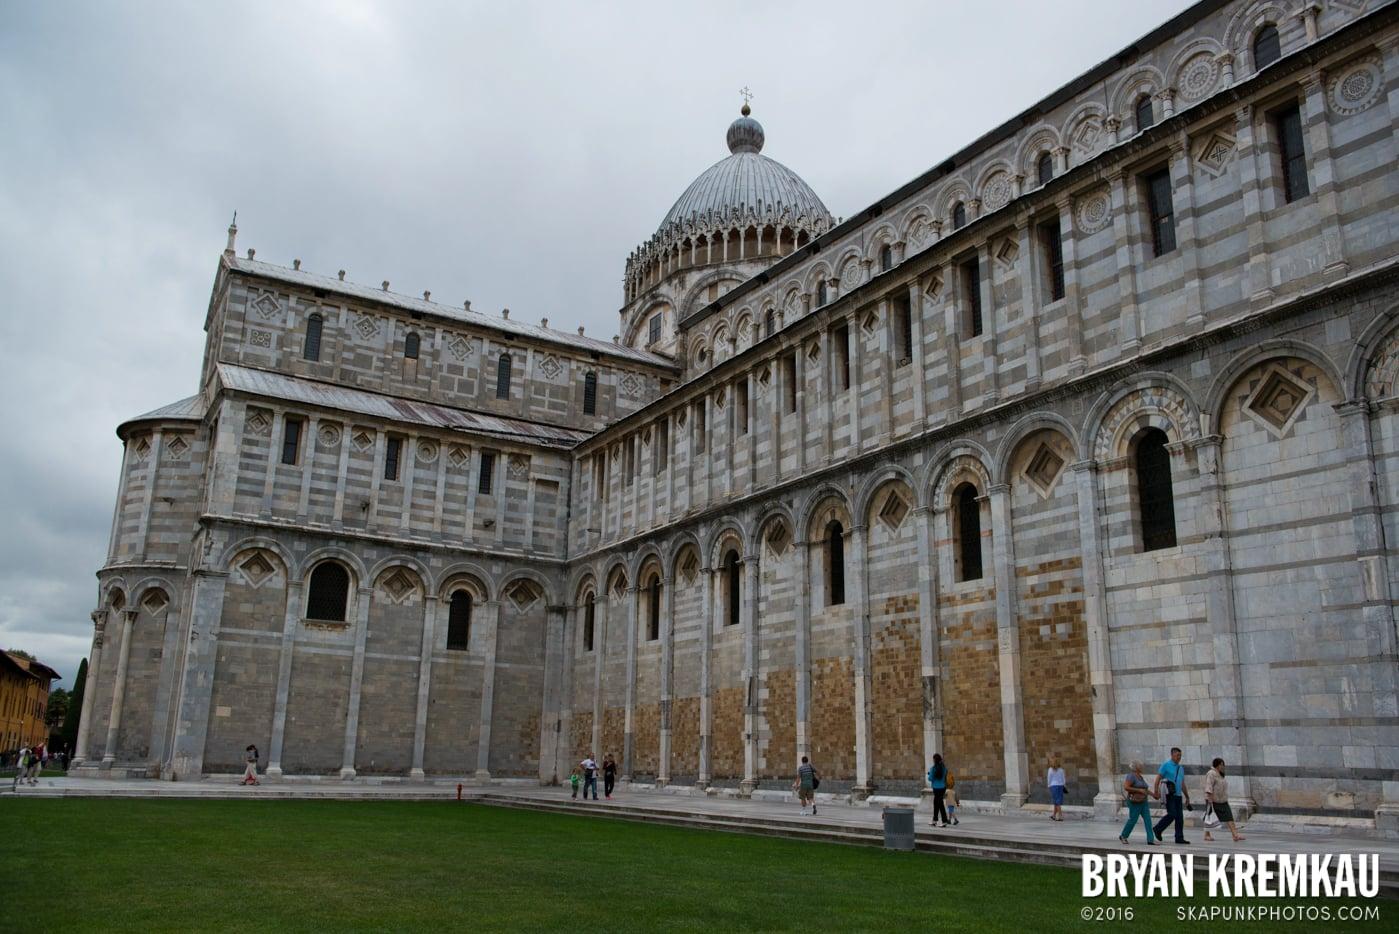 Italy Vacation - Day 8: Siena, San Gimignano, Chianti, Pisa - 9.16.13 (32)